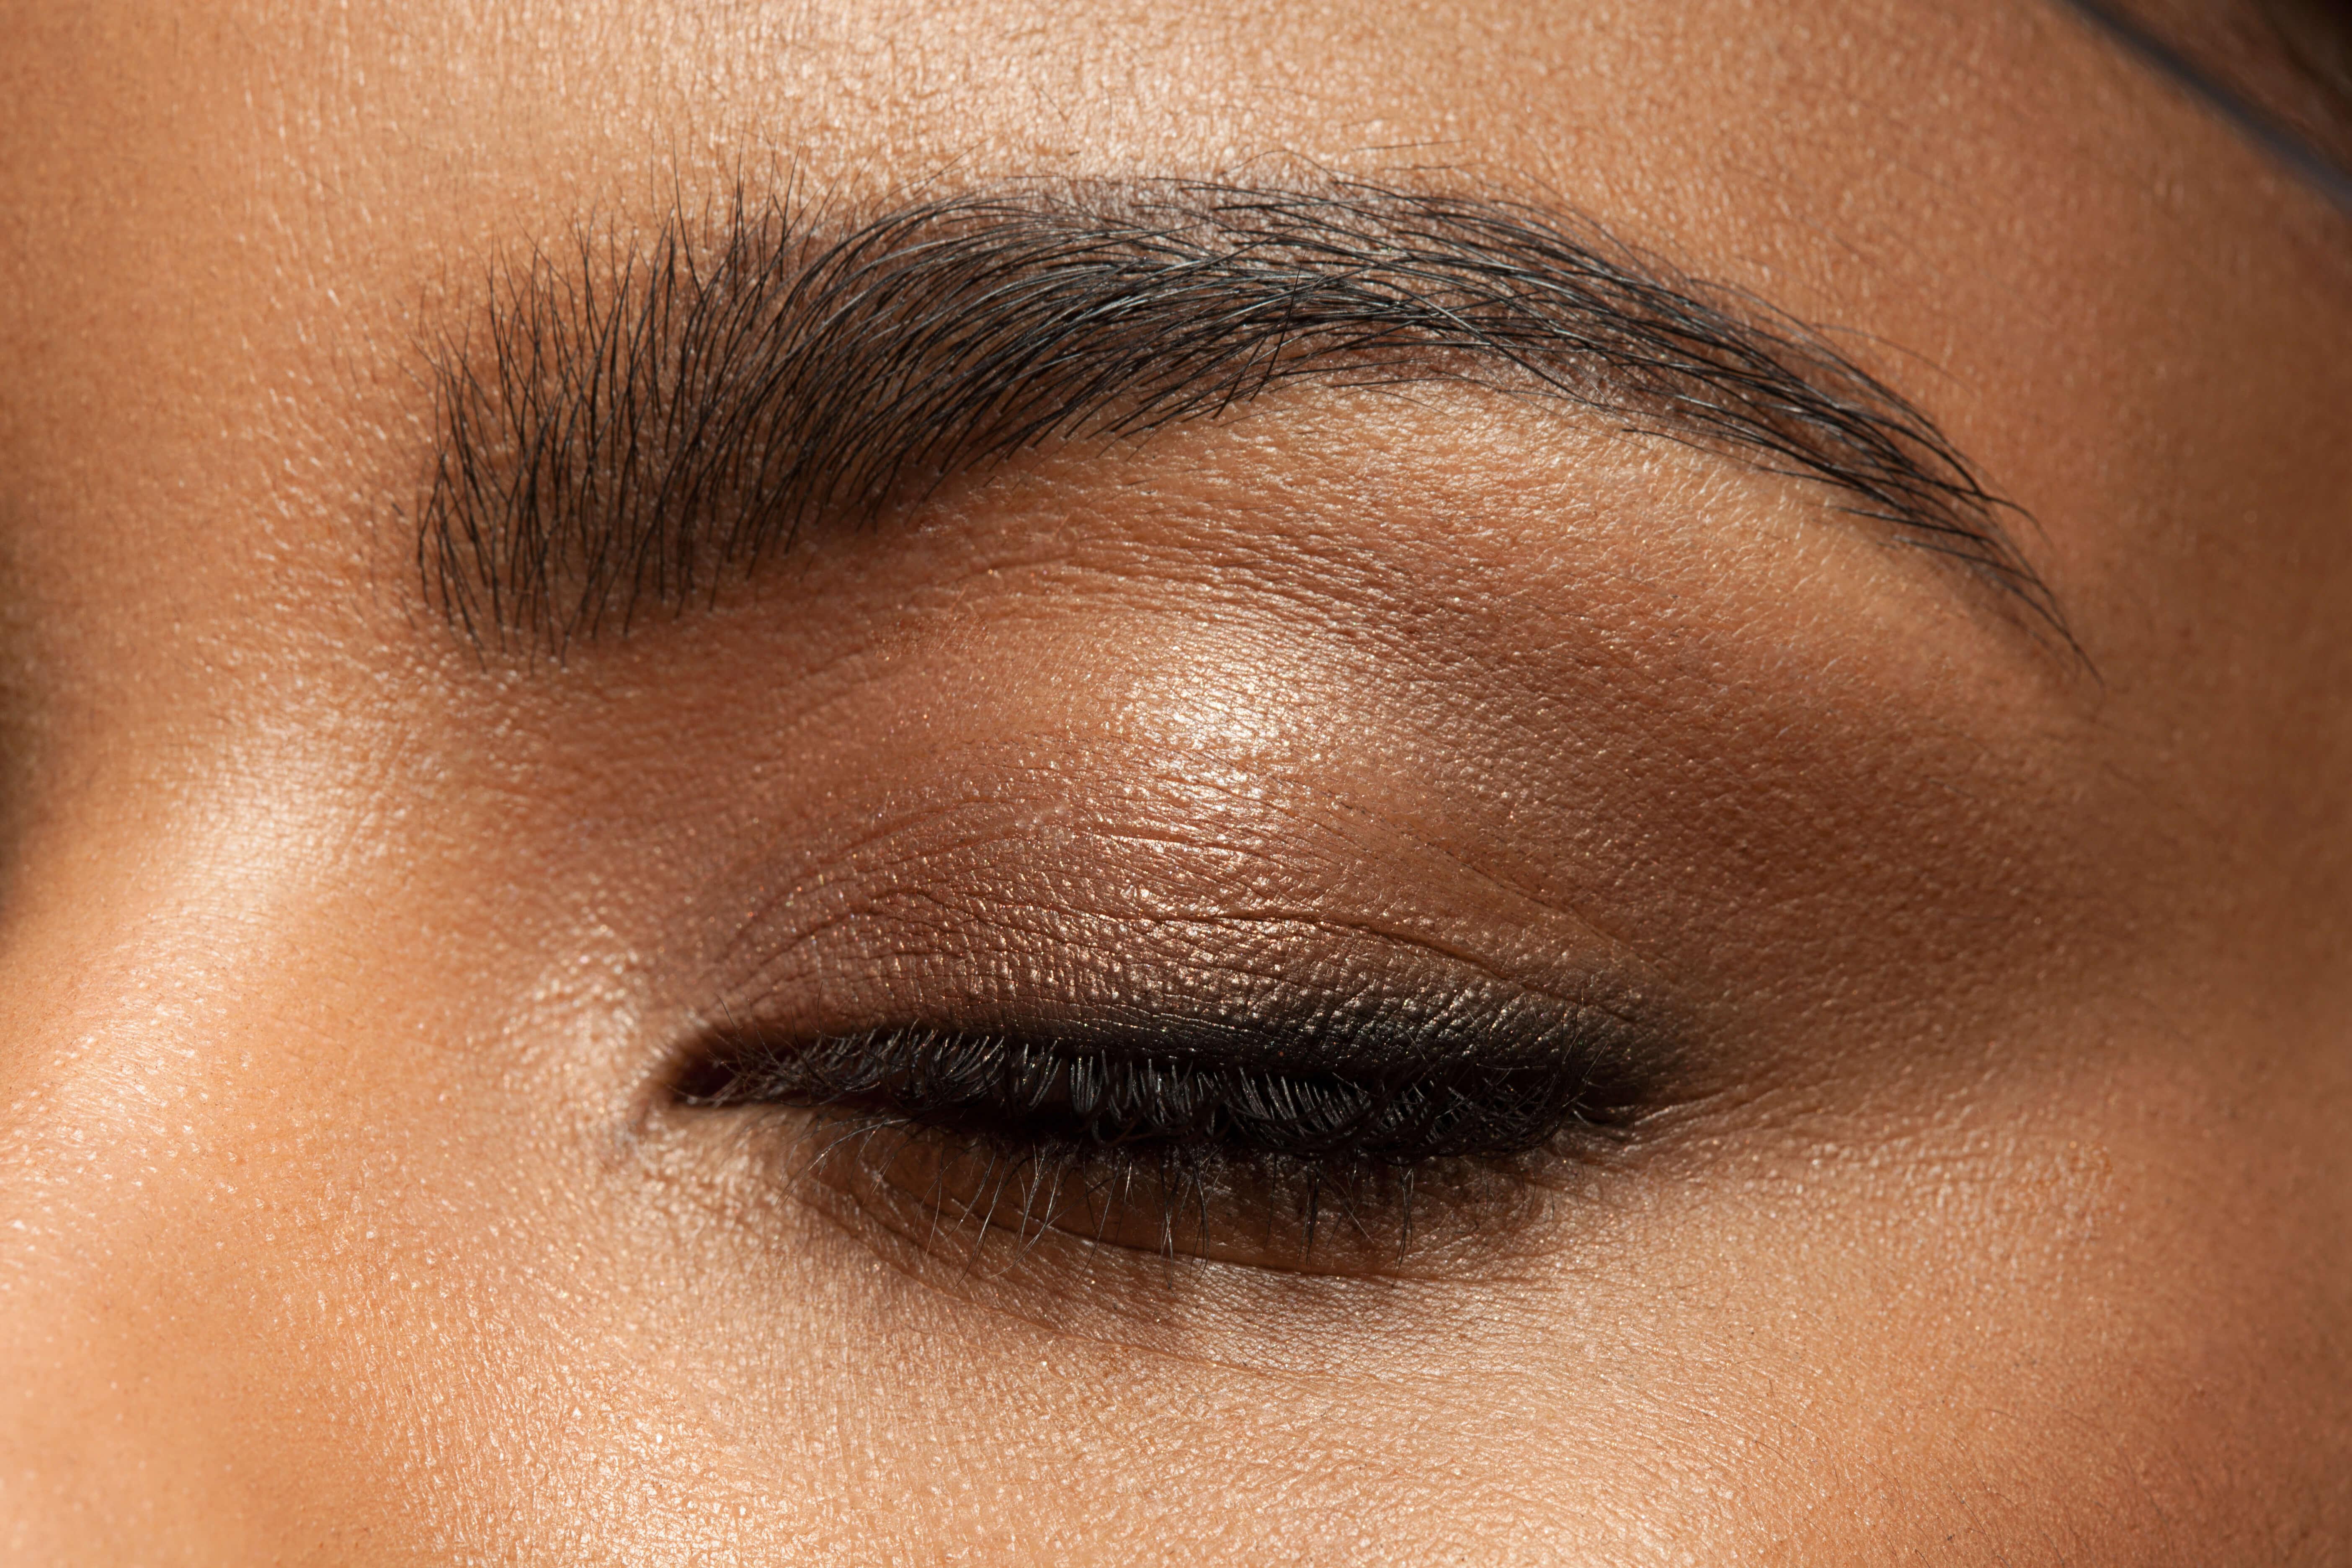 killer eyebrows